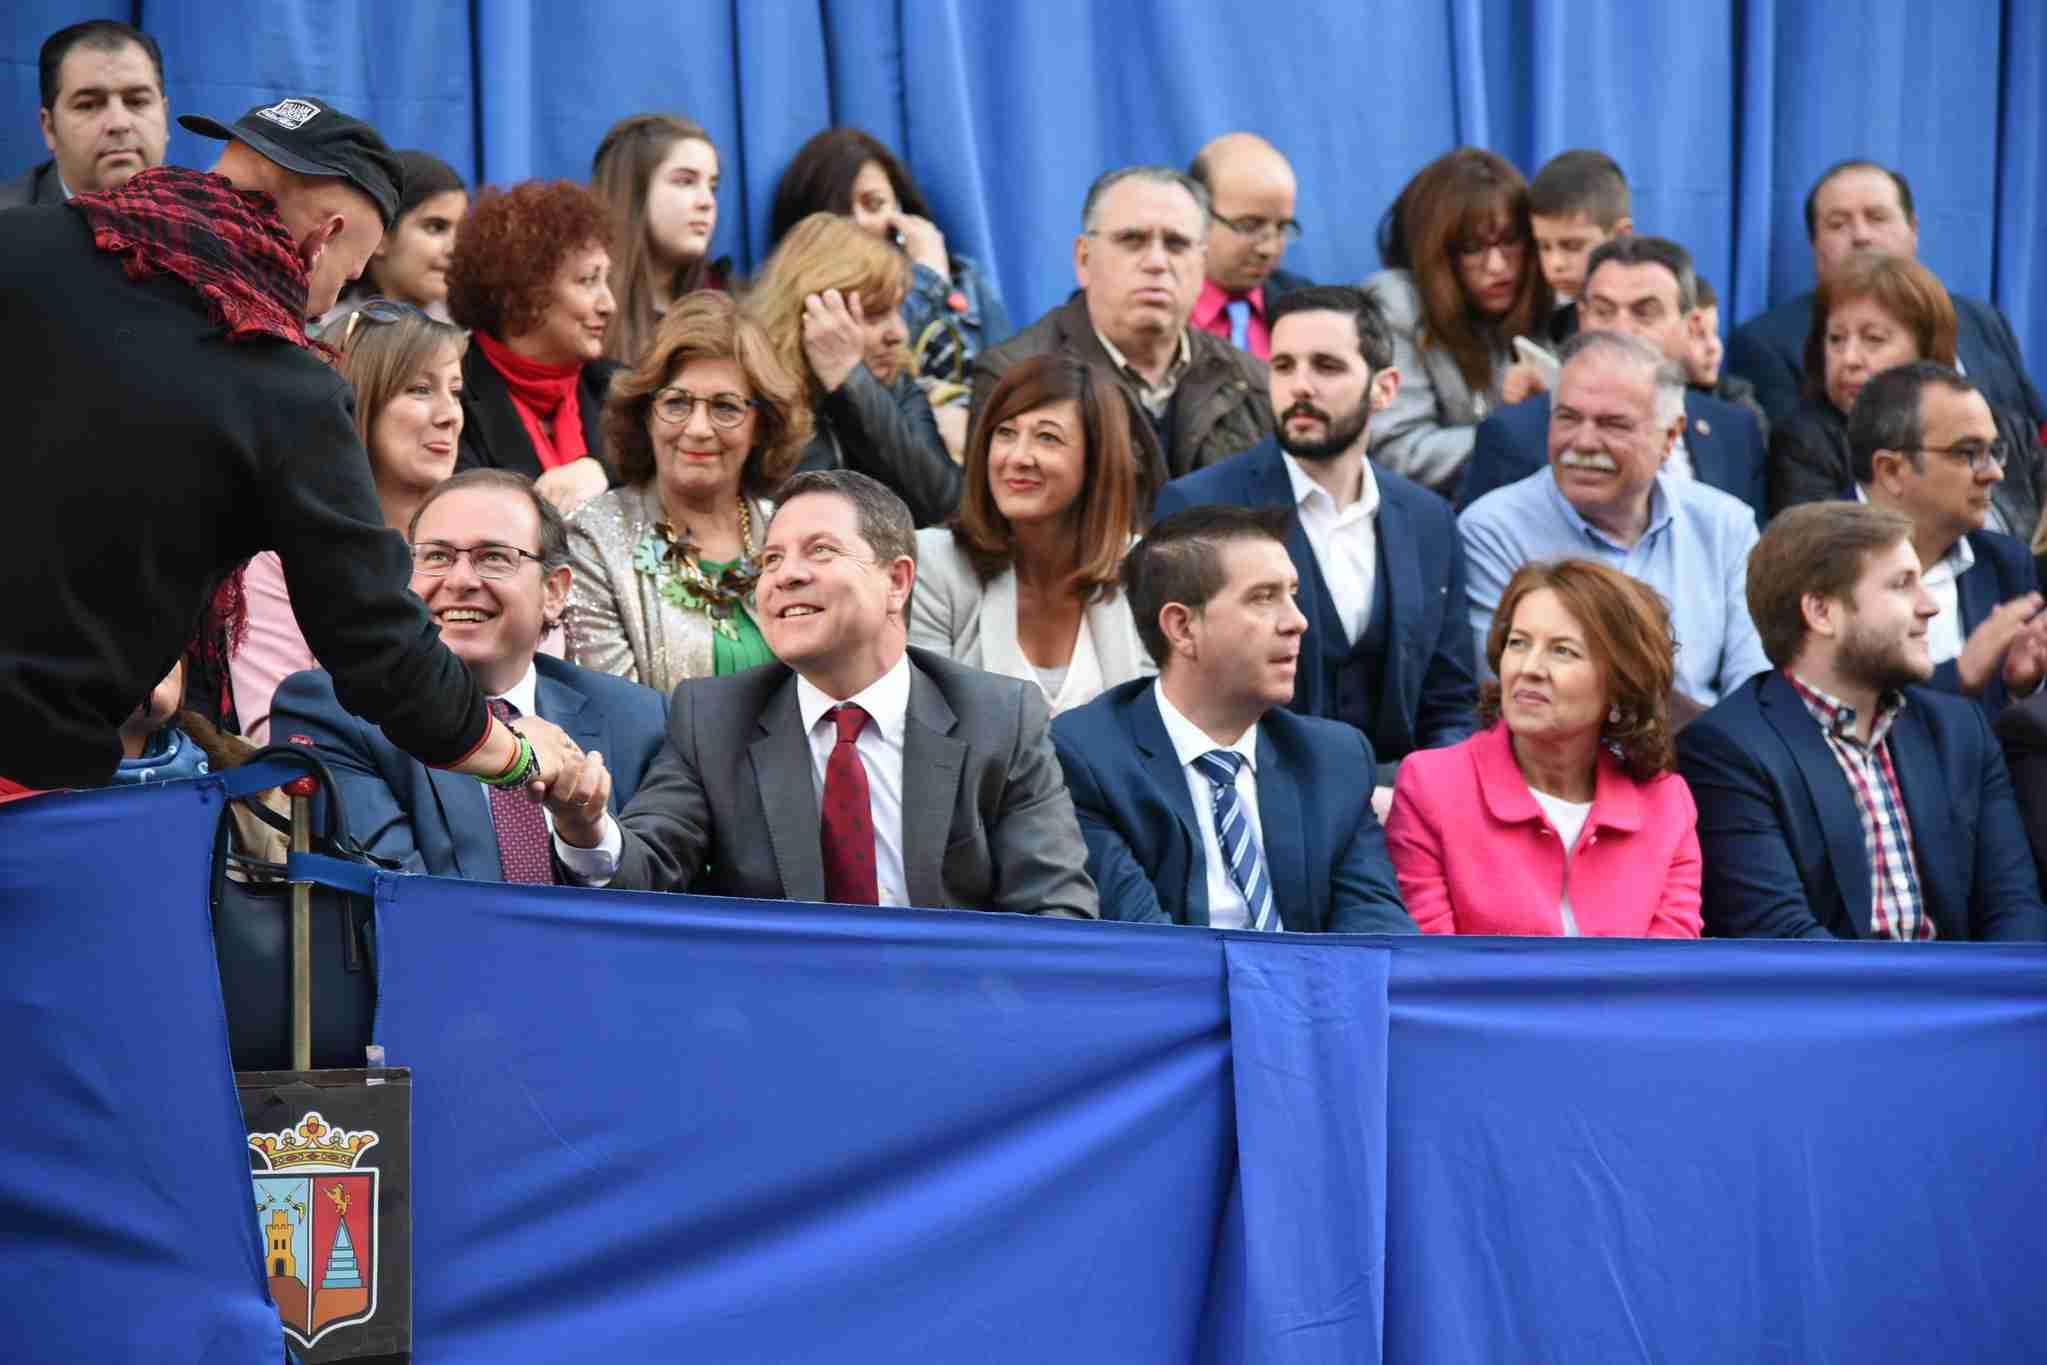 El Gobierno de Castilla-La Mancha felicita a la localidad de Almansa tras lograr que sus Fiestas Mayores sean de Interés Turístico Internacional 1